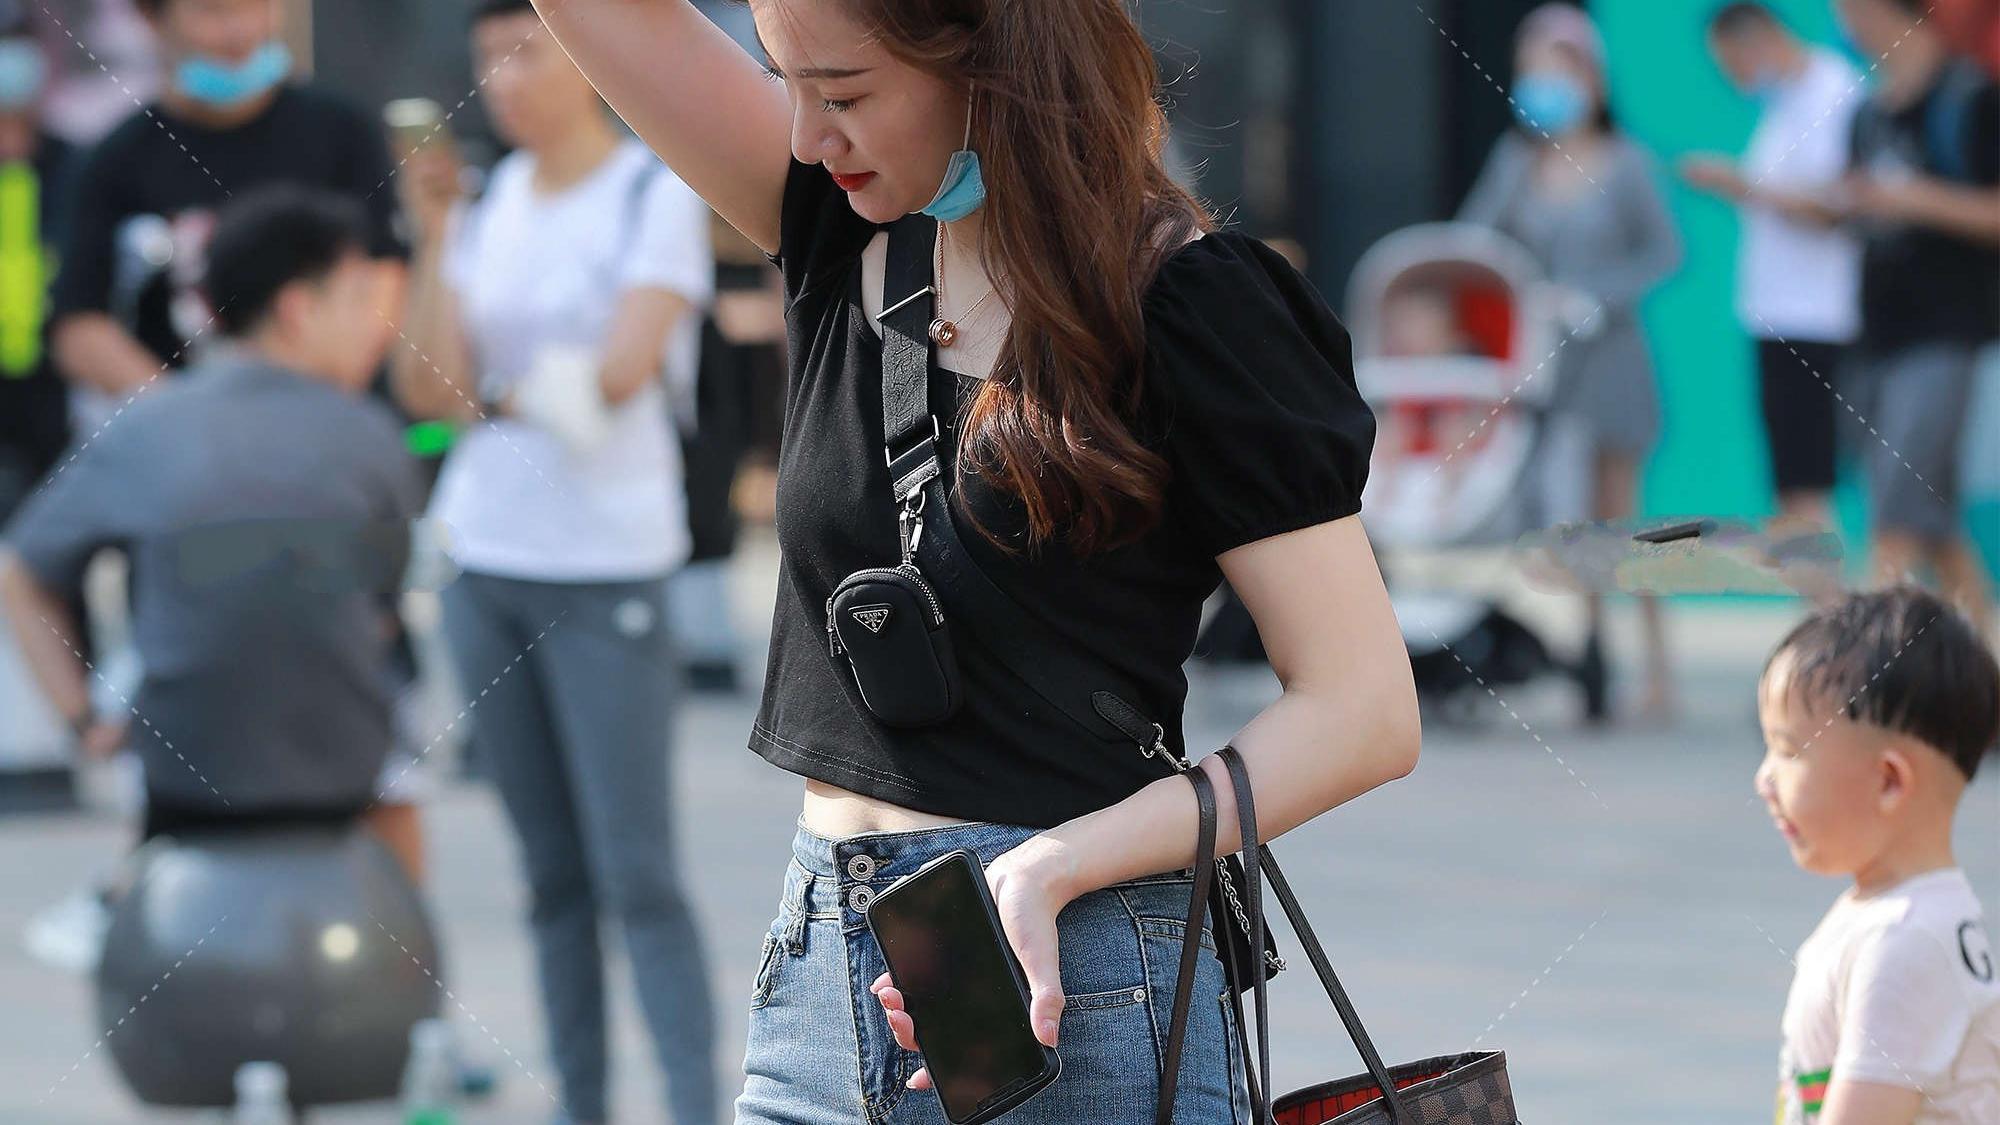 黑色短袖搭配紧身牛仔裤,休闲有气质,满满青春活力